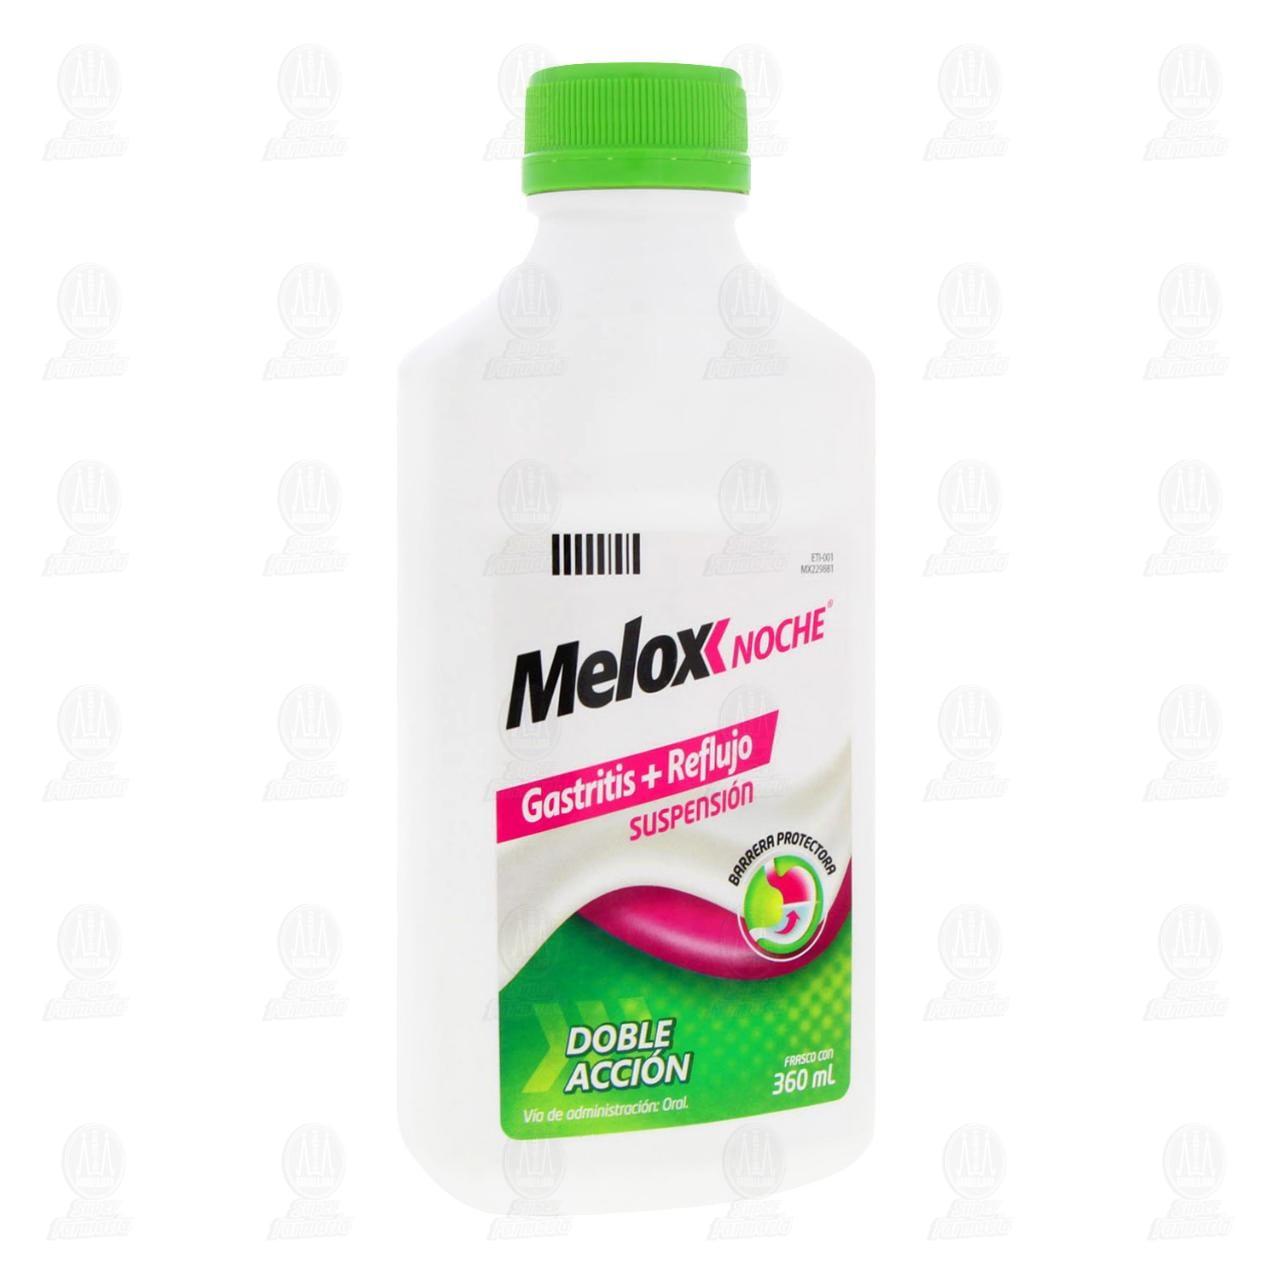 Comprar Melox Noche Suspensión 360ml en Farmacias Guadalajara